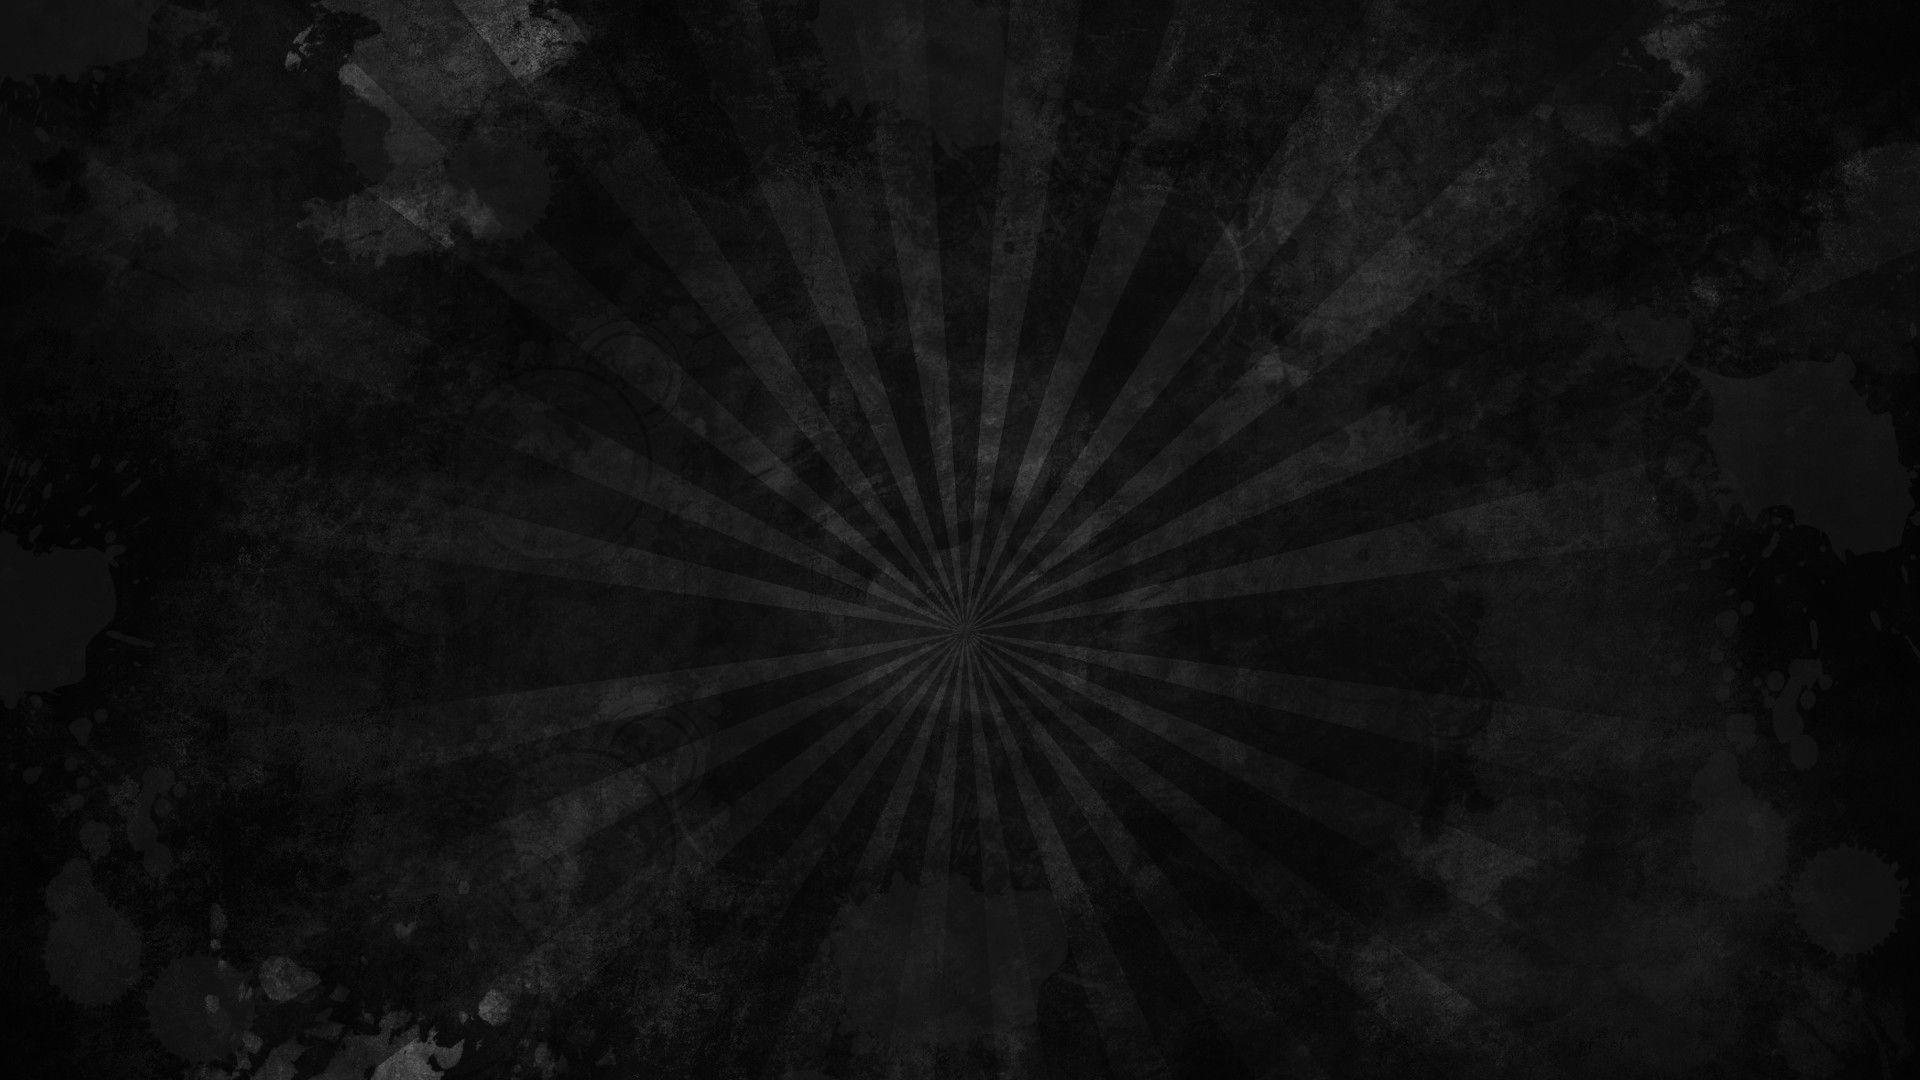 Grunge Tumblr Laptop Wallpapers Wallpaper Cave